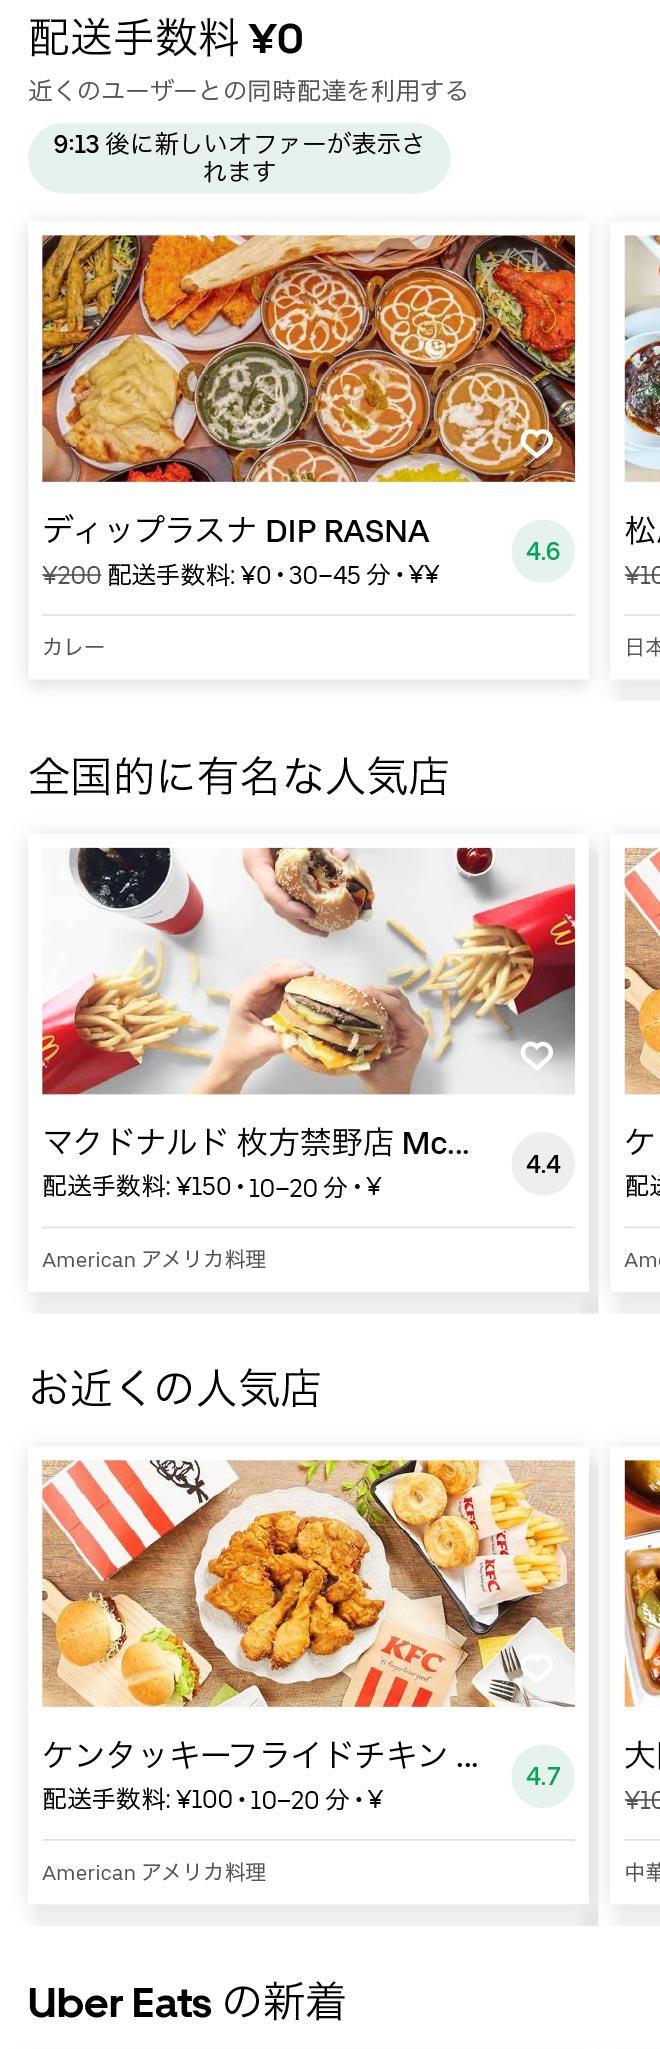 Hirakatashi menu 2010 01